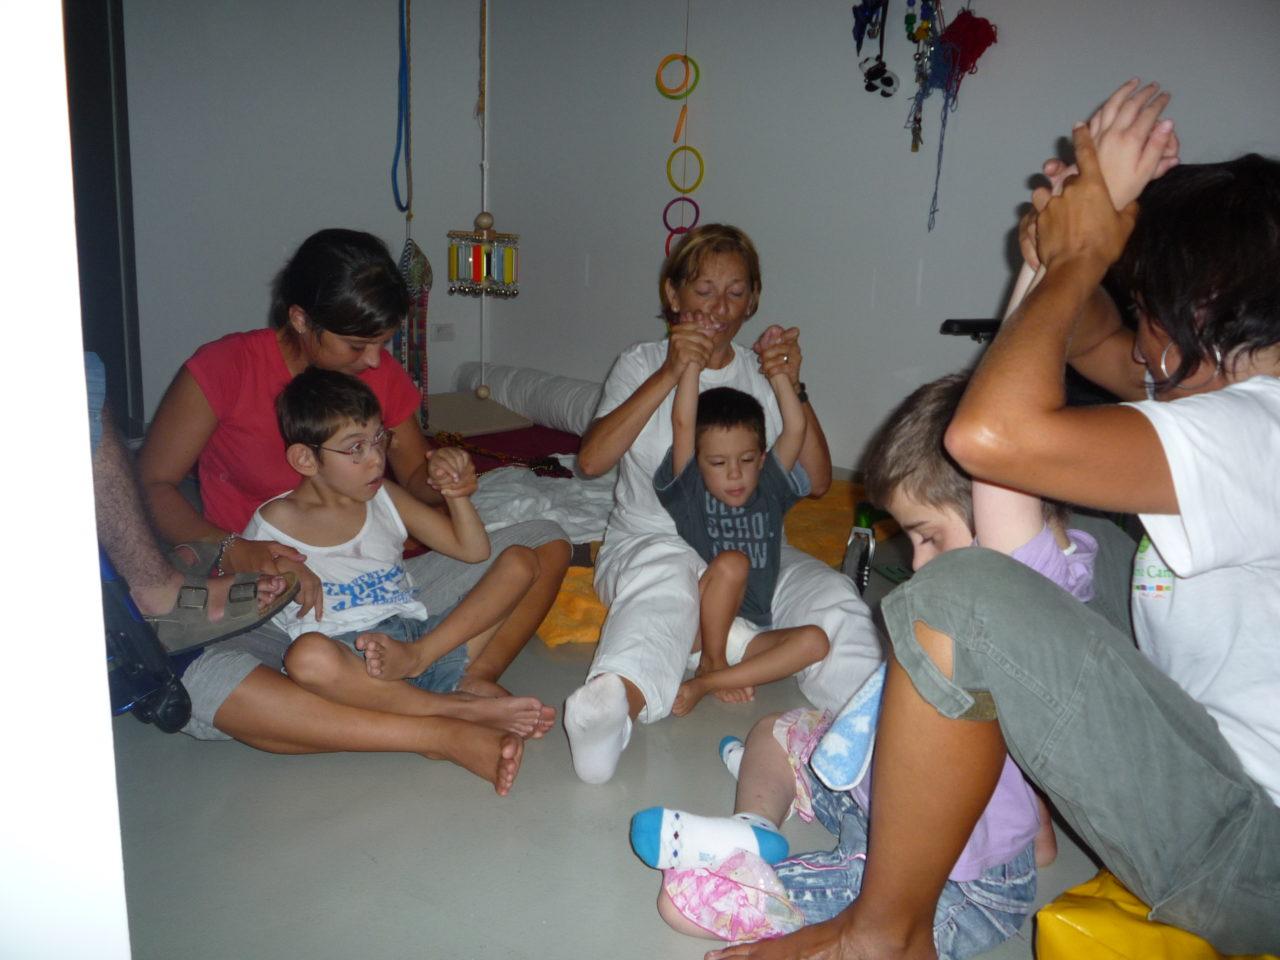 Le stanze sensoriali